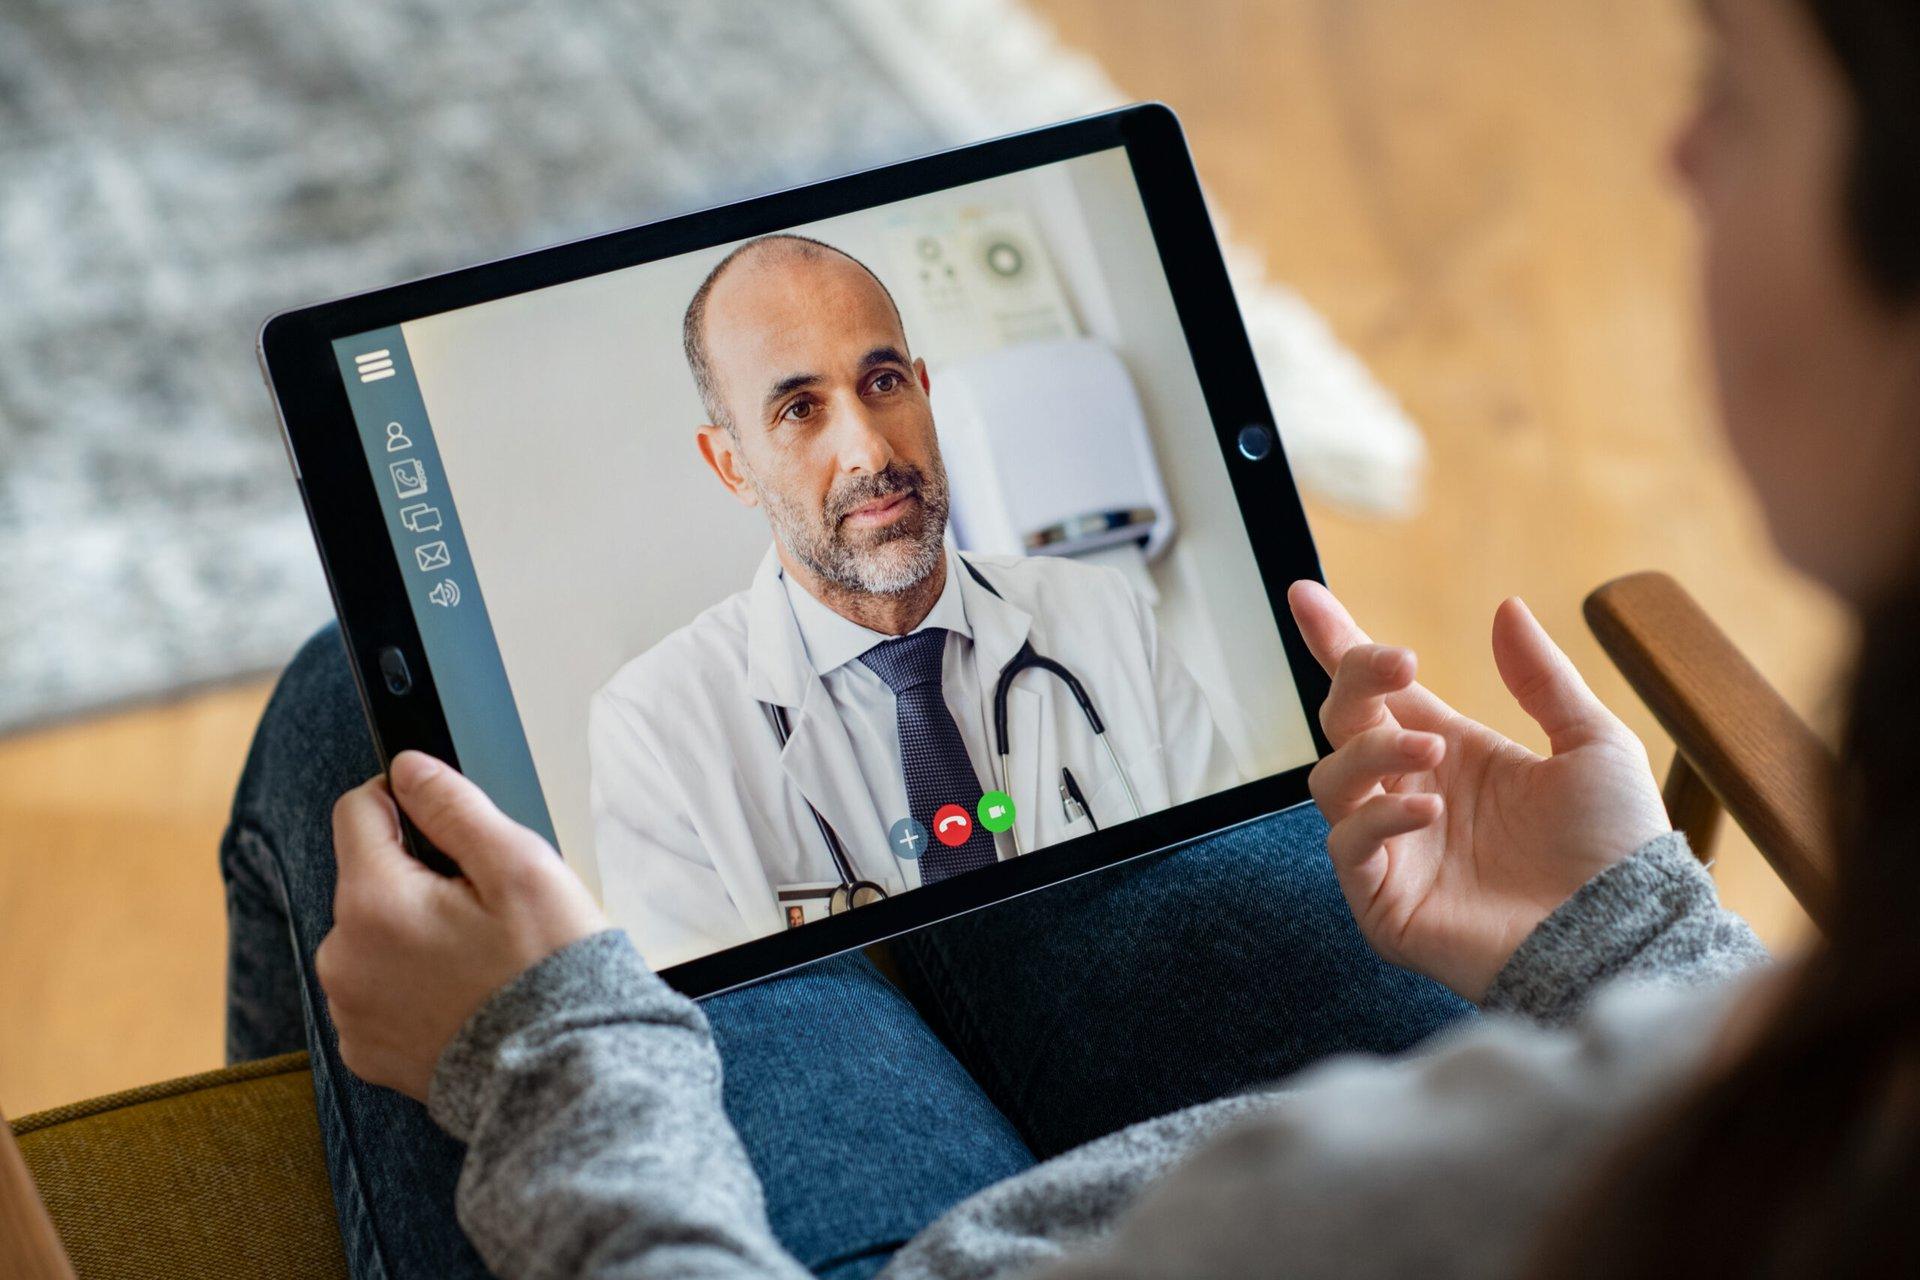 Doctor on a digital health platform